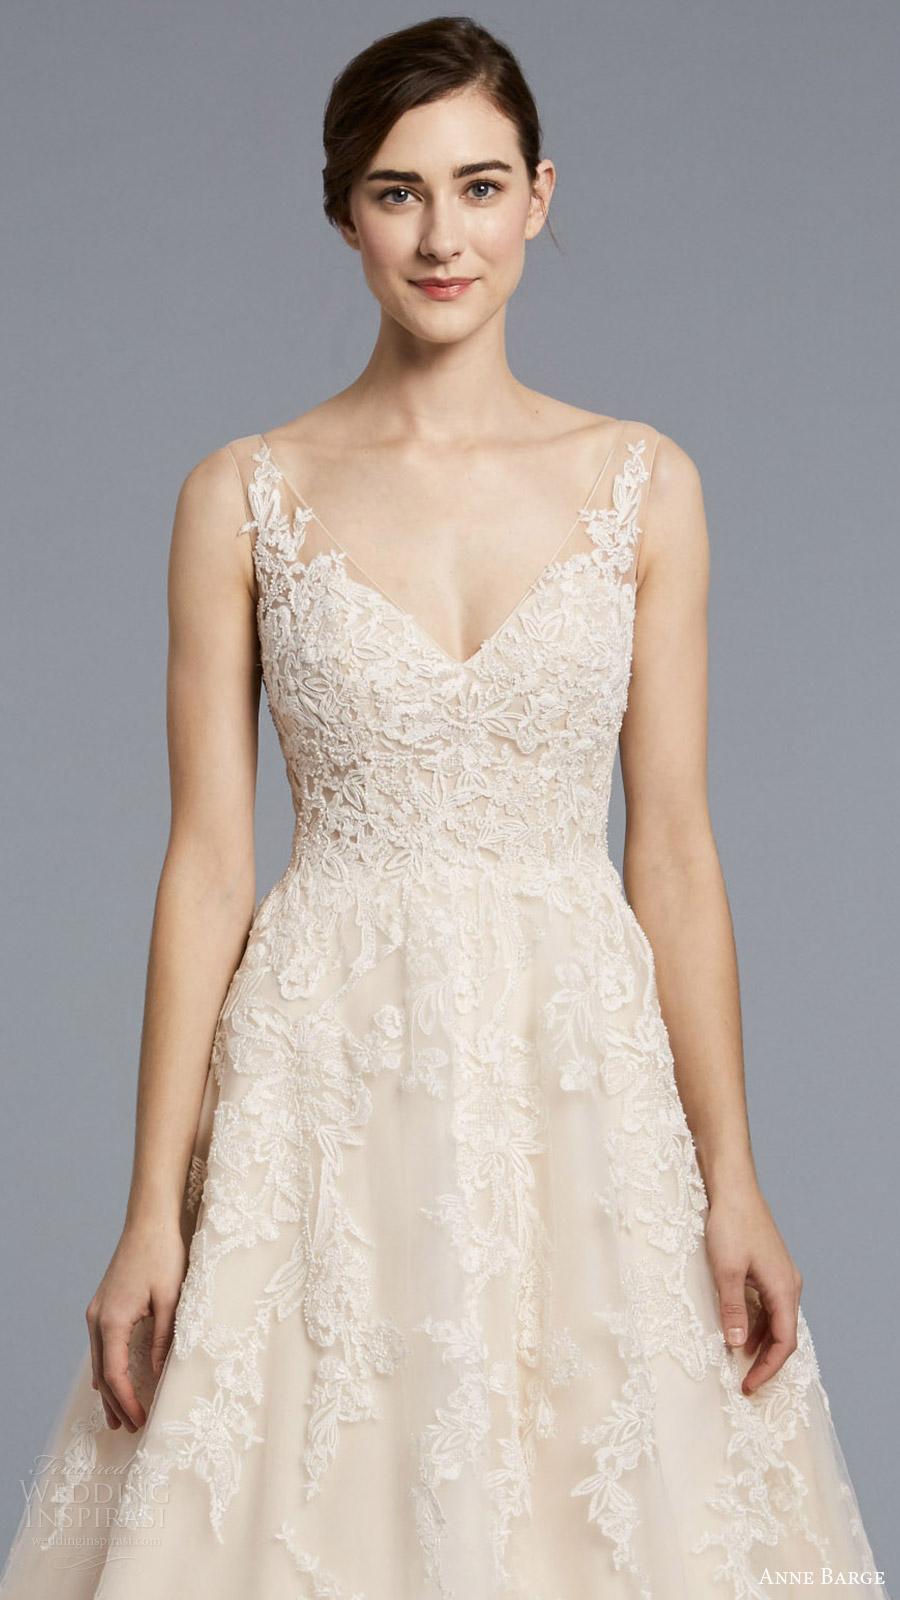 Anne Barge Spring 2018 Wedding Dresses  New York Bridal